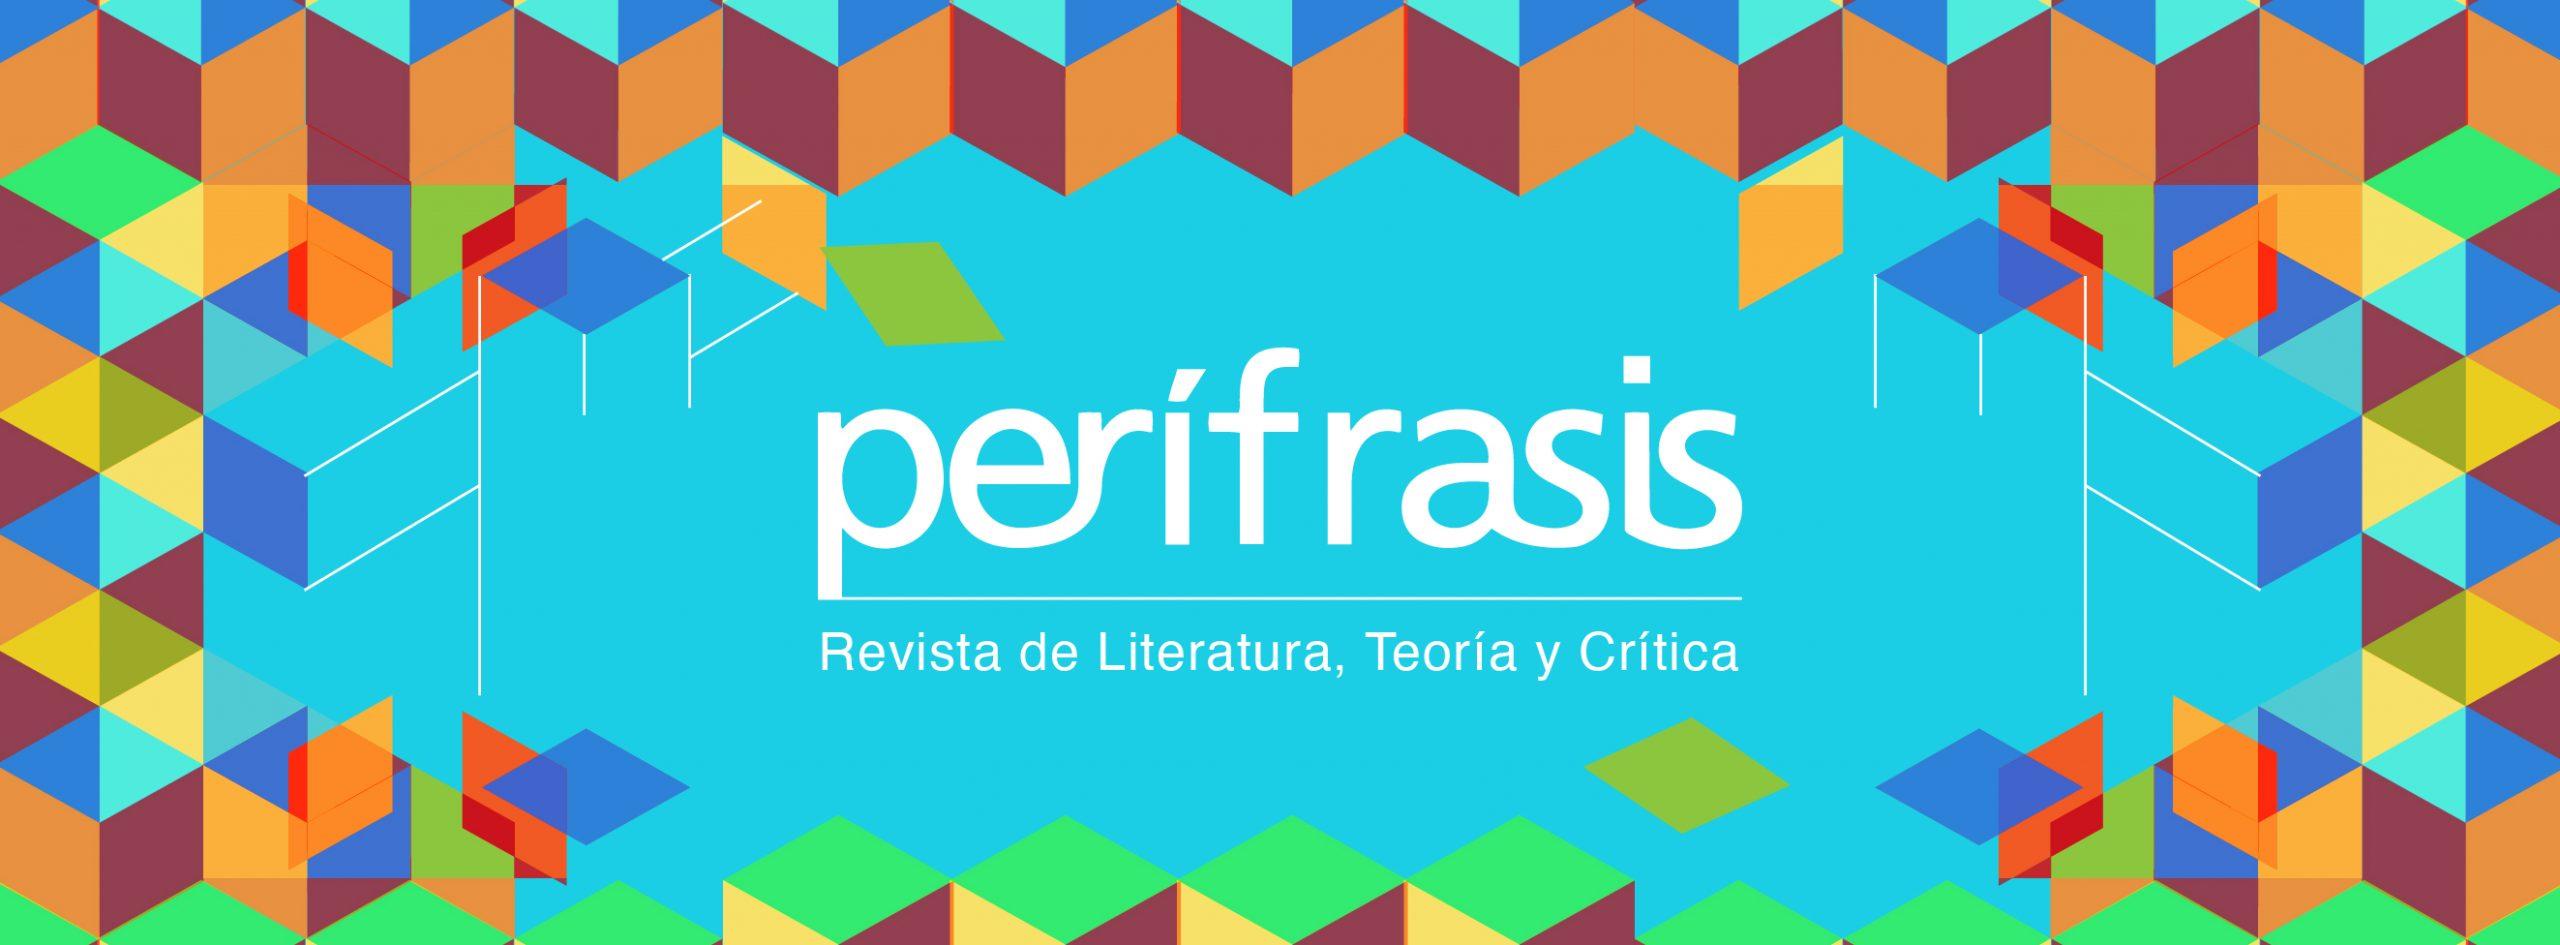 Perífrasis. Revista de Literatura, Teoría y Crítica estrena su número 22